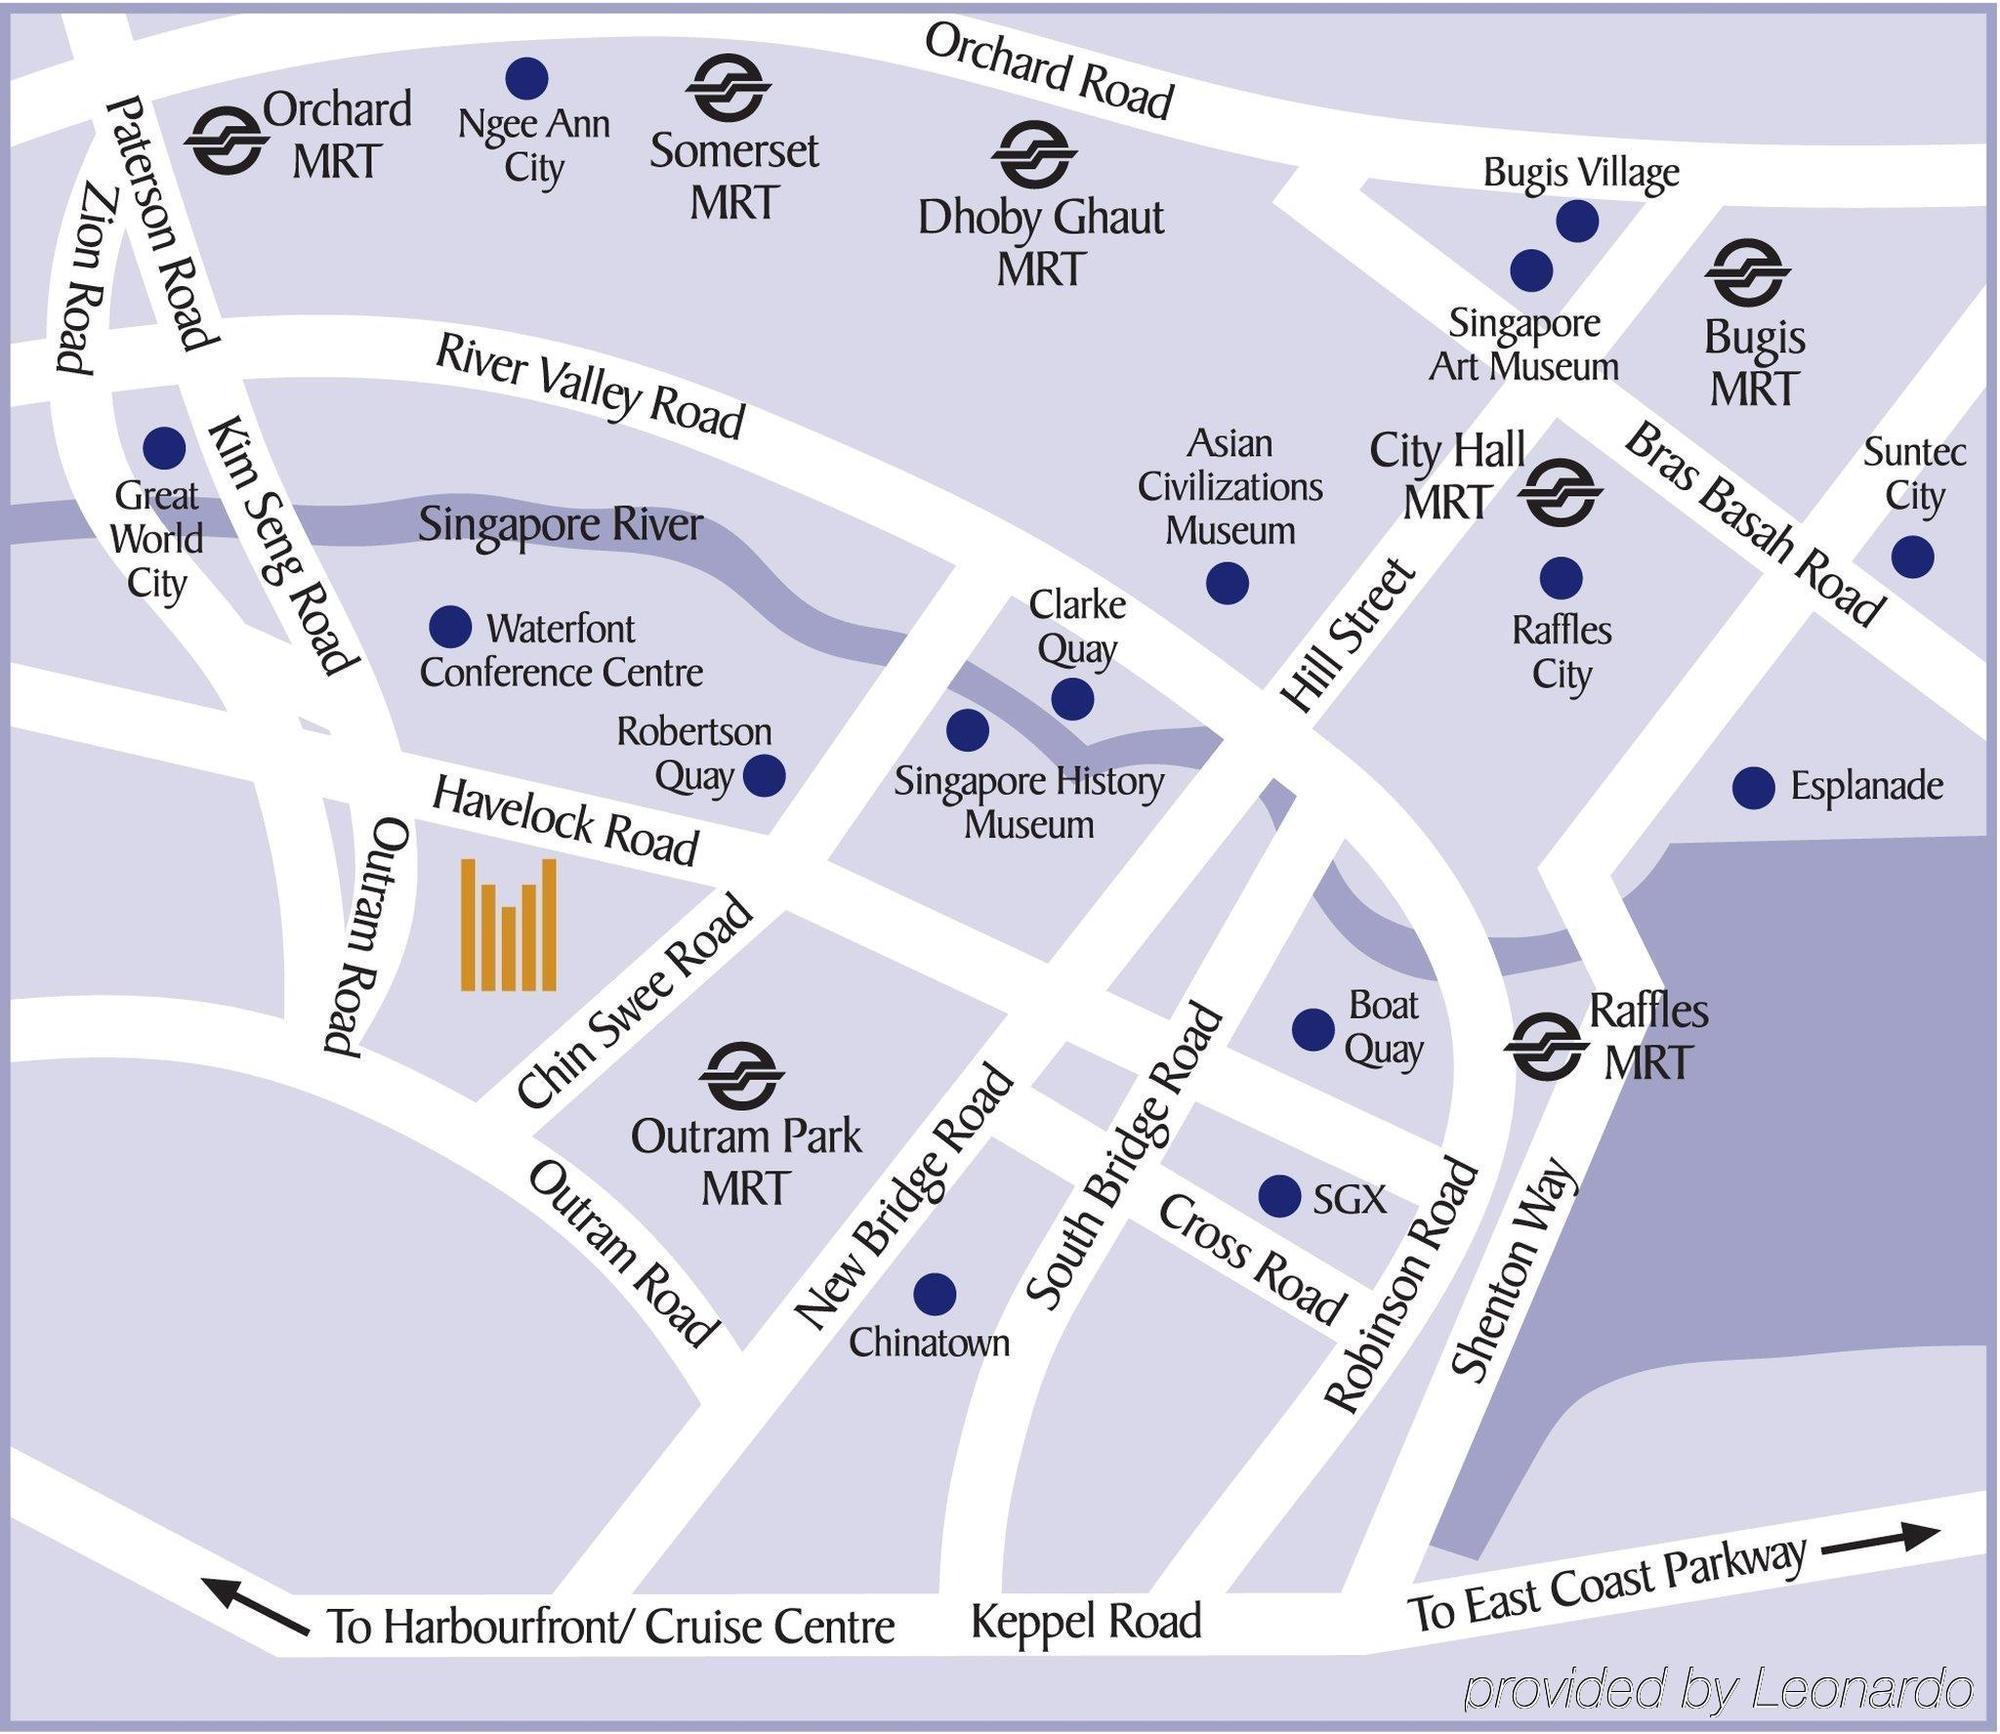 Novotel Singapore Clarke Quay (Hotel) - 177A River Valley